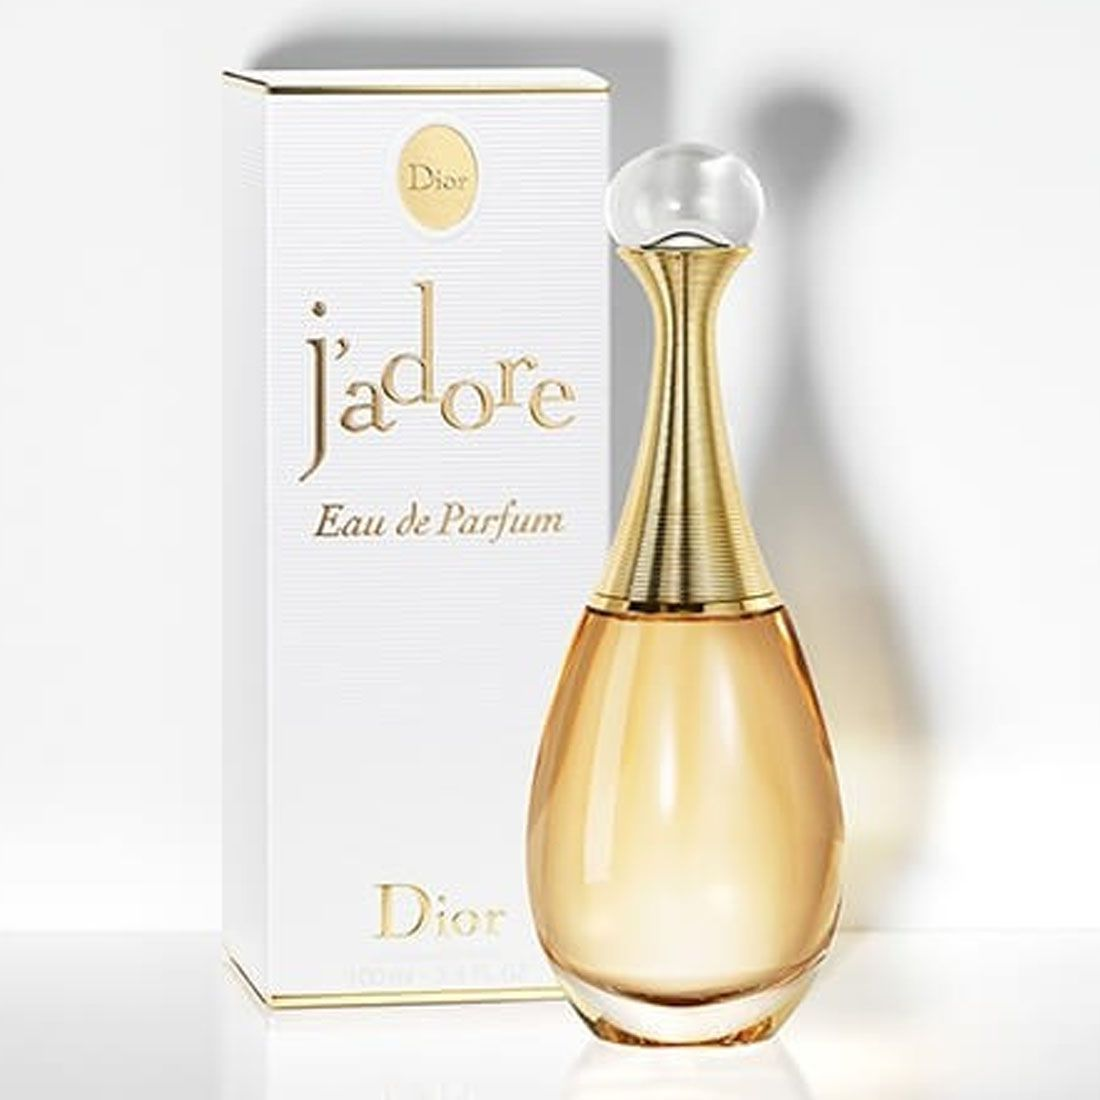 Perfume J'adore Dior Eau de Parfum 50ml